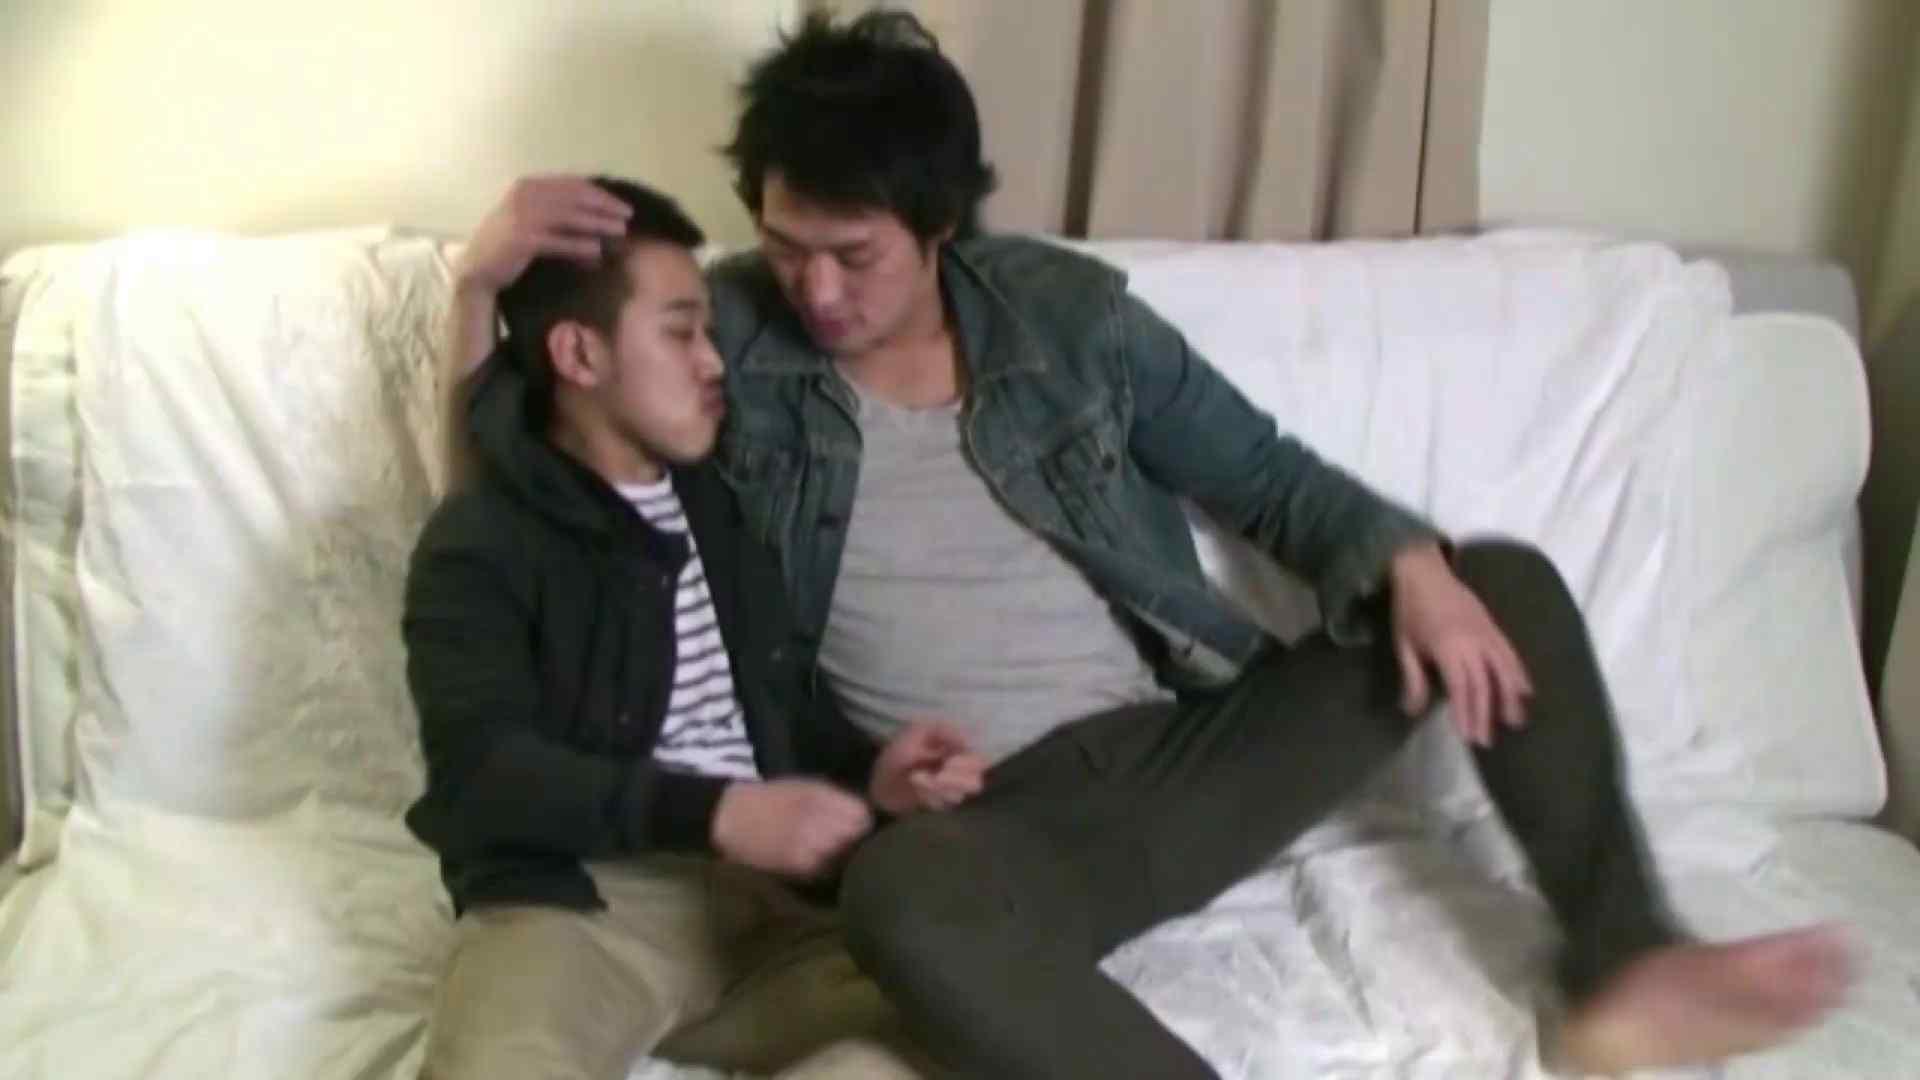 兄弟のように愛し合う Vol.01 エロ動画 ゲイセックス画像 77枚 36